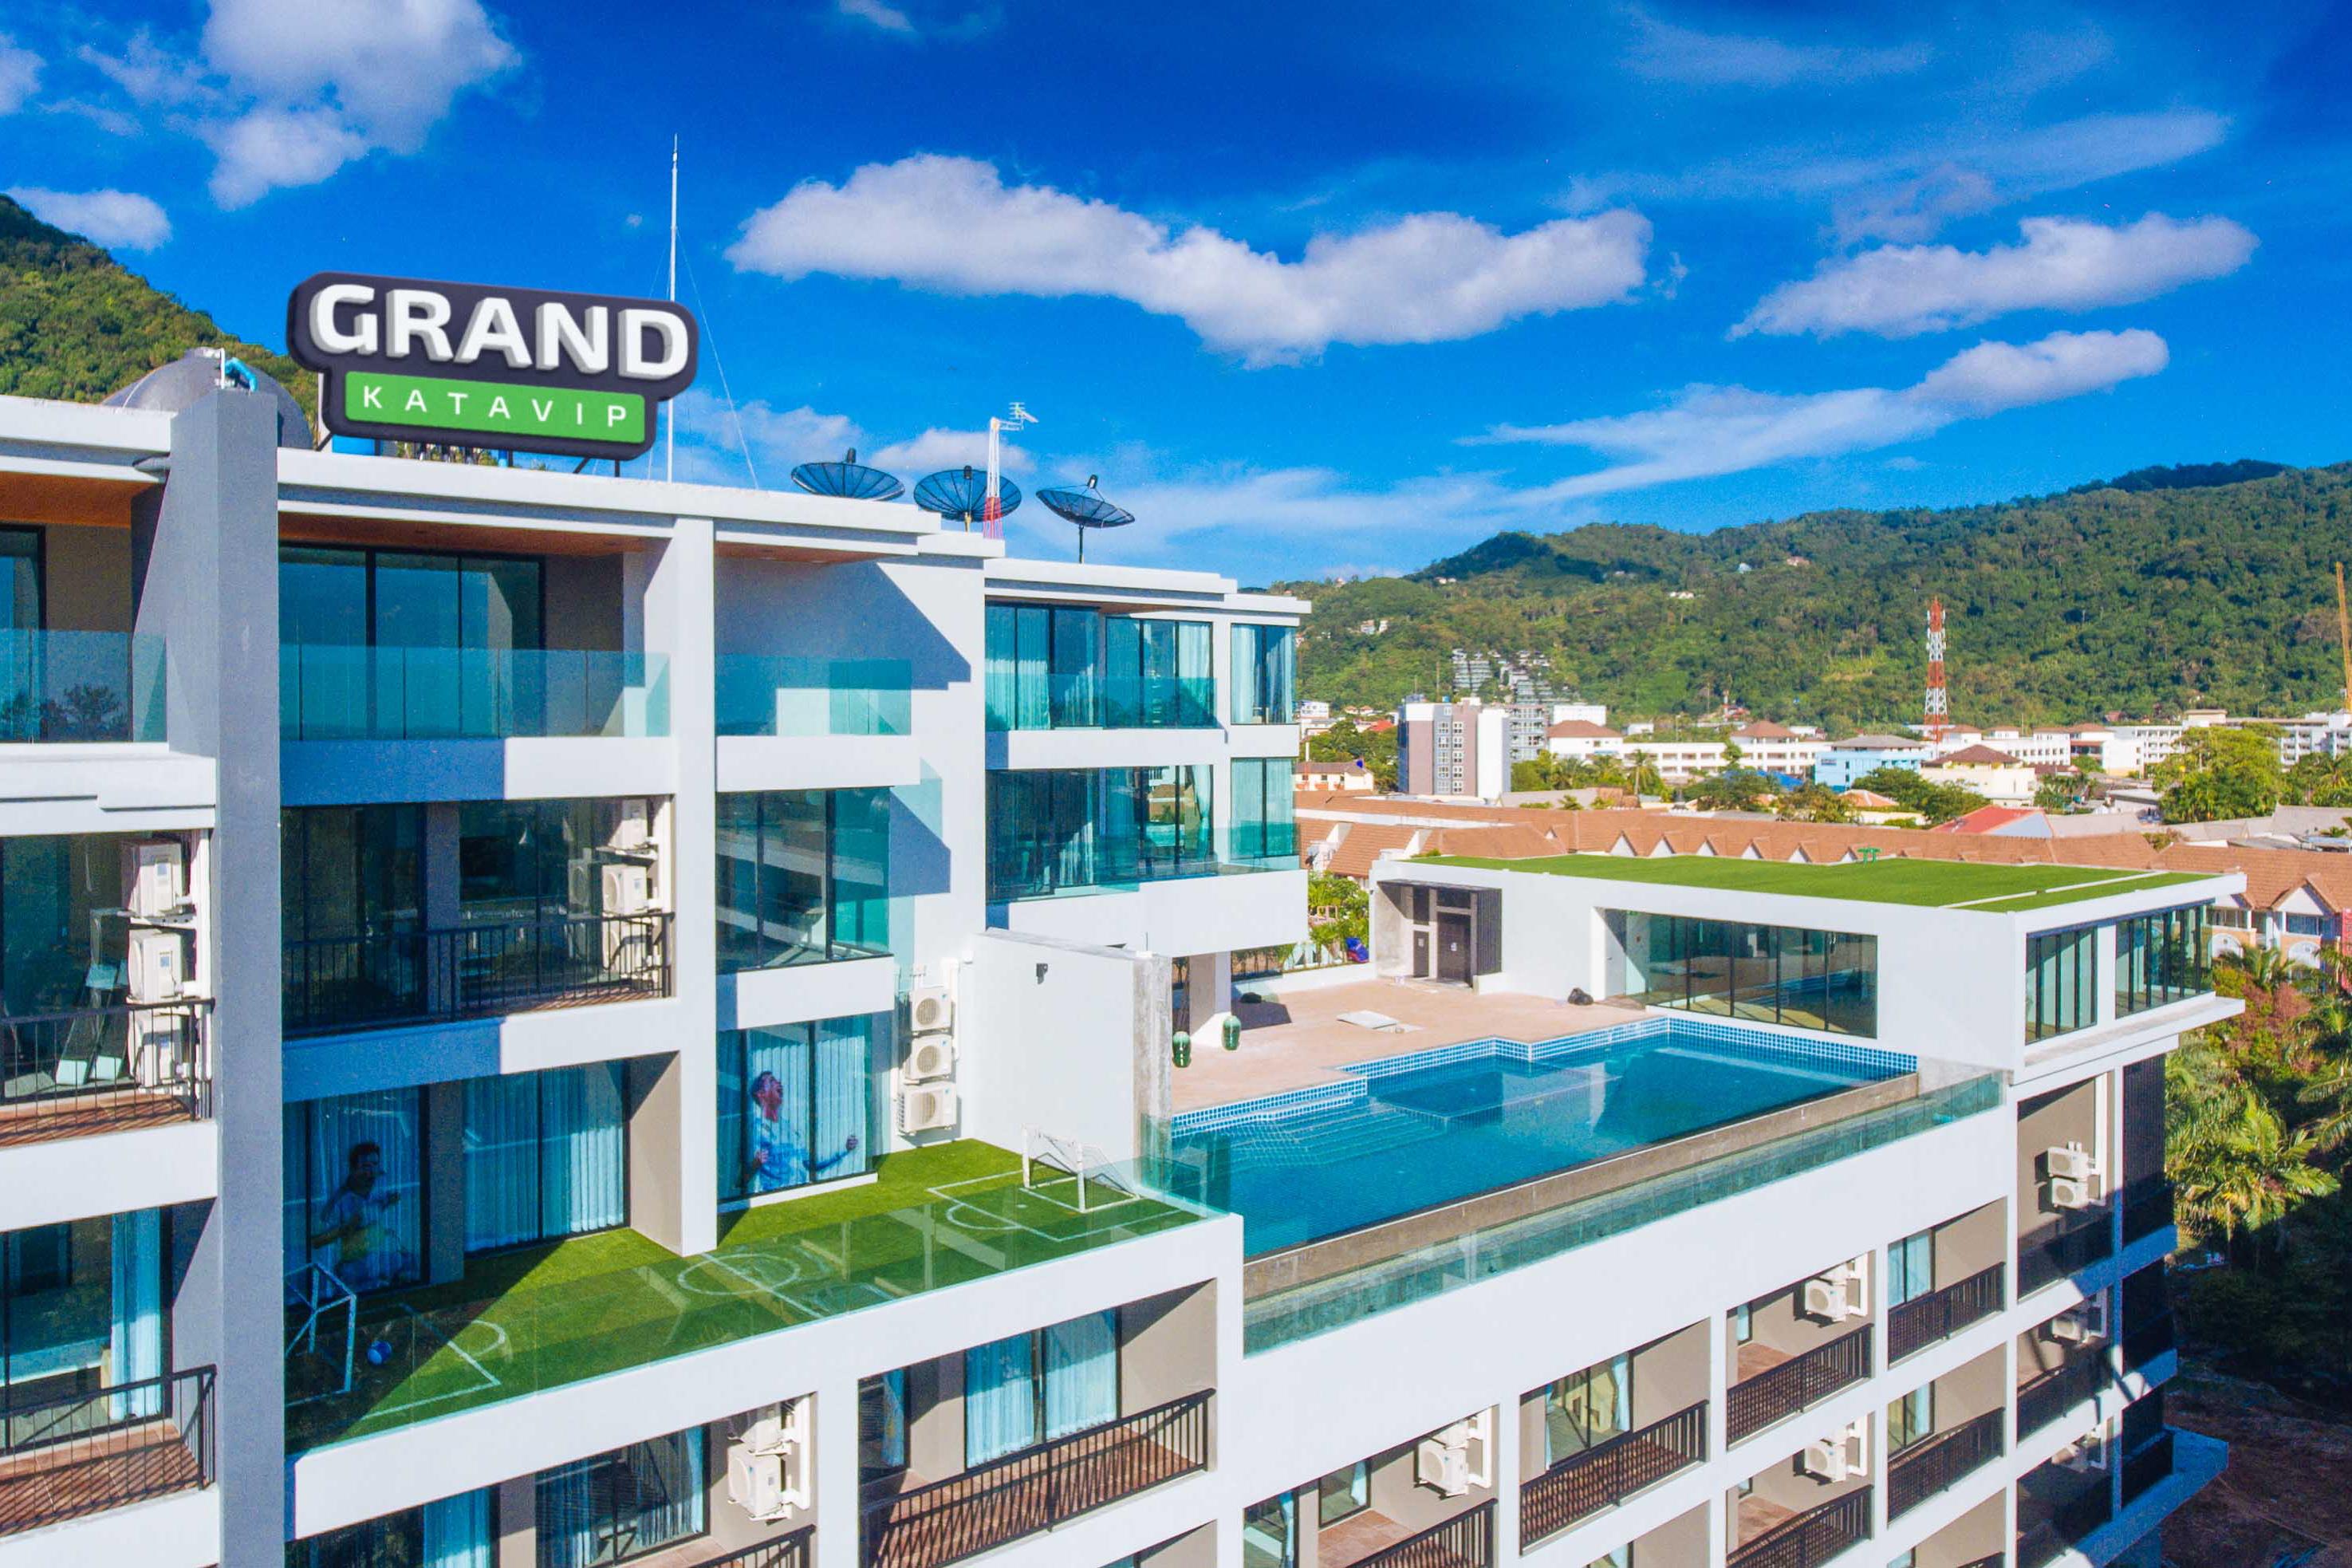 Grand Kata VIP Hotel